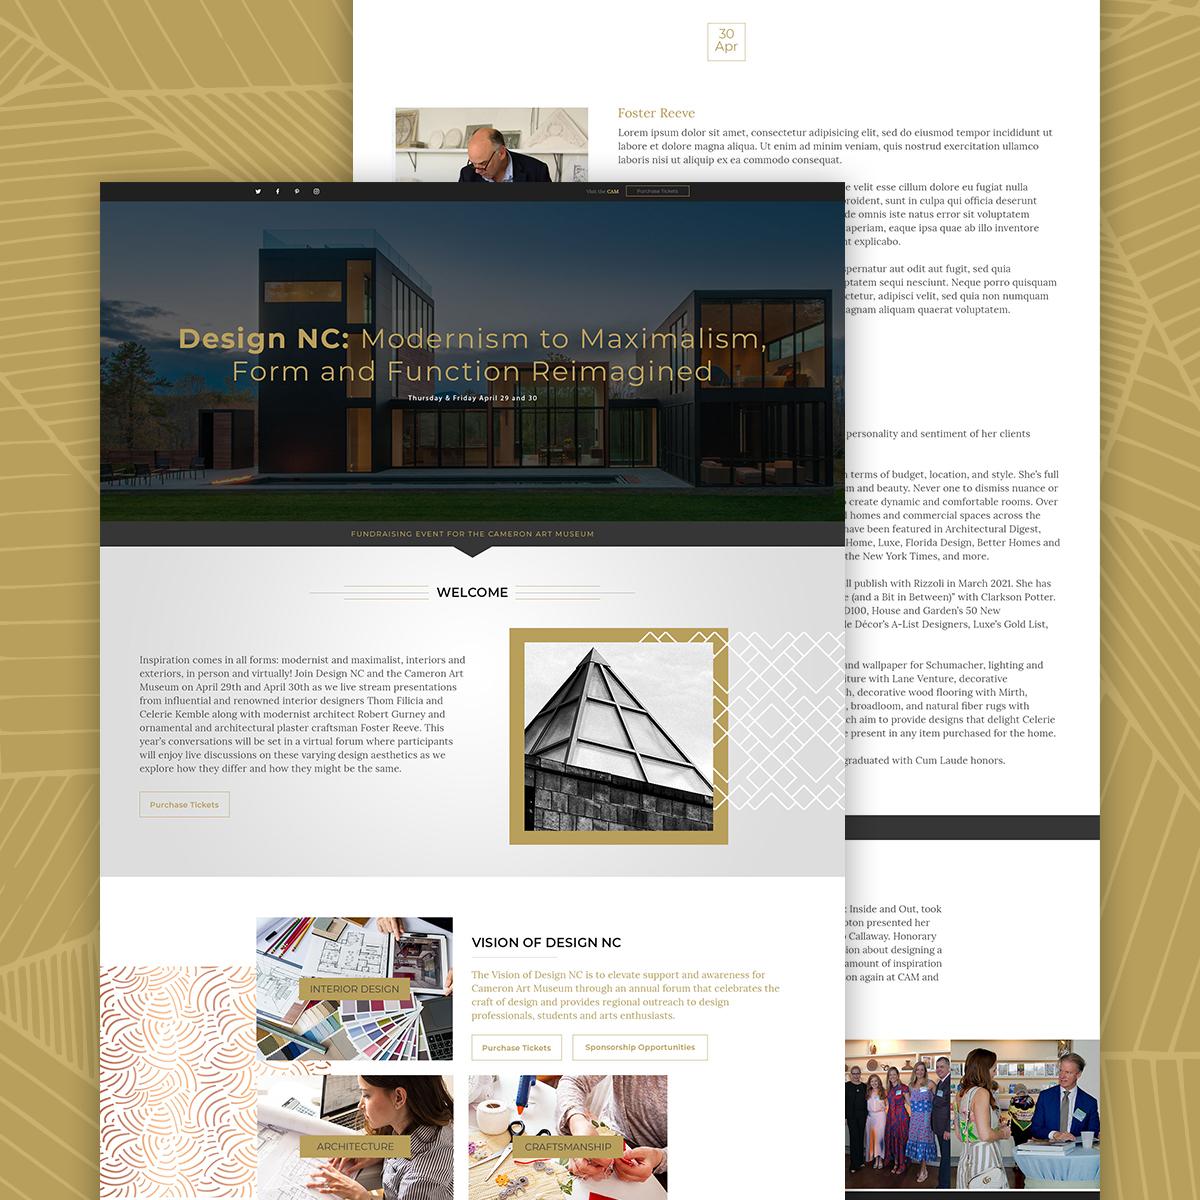 Design NC